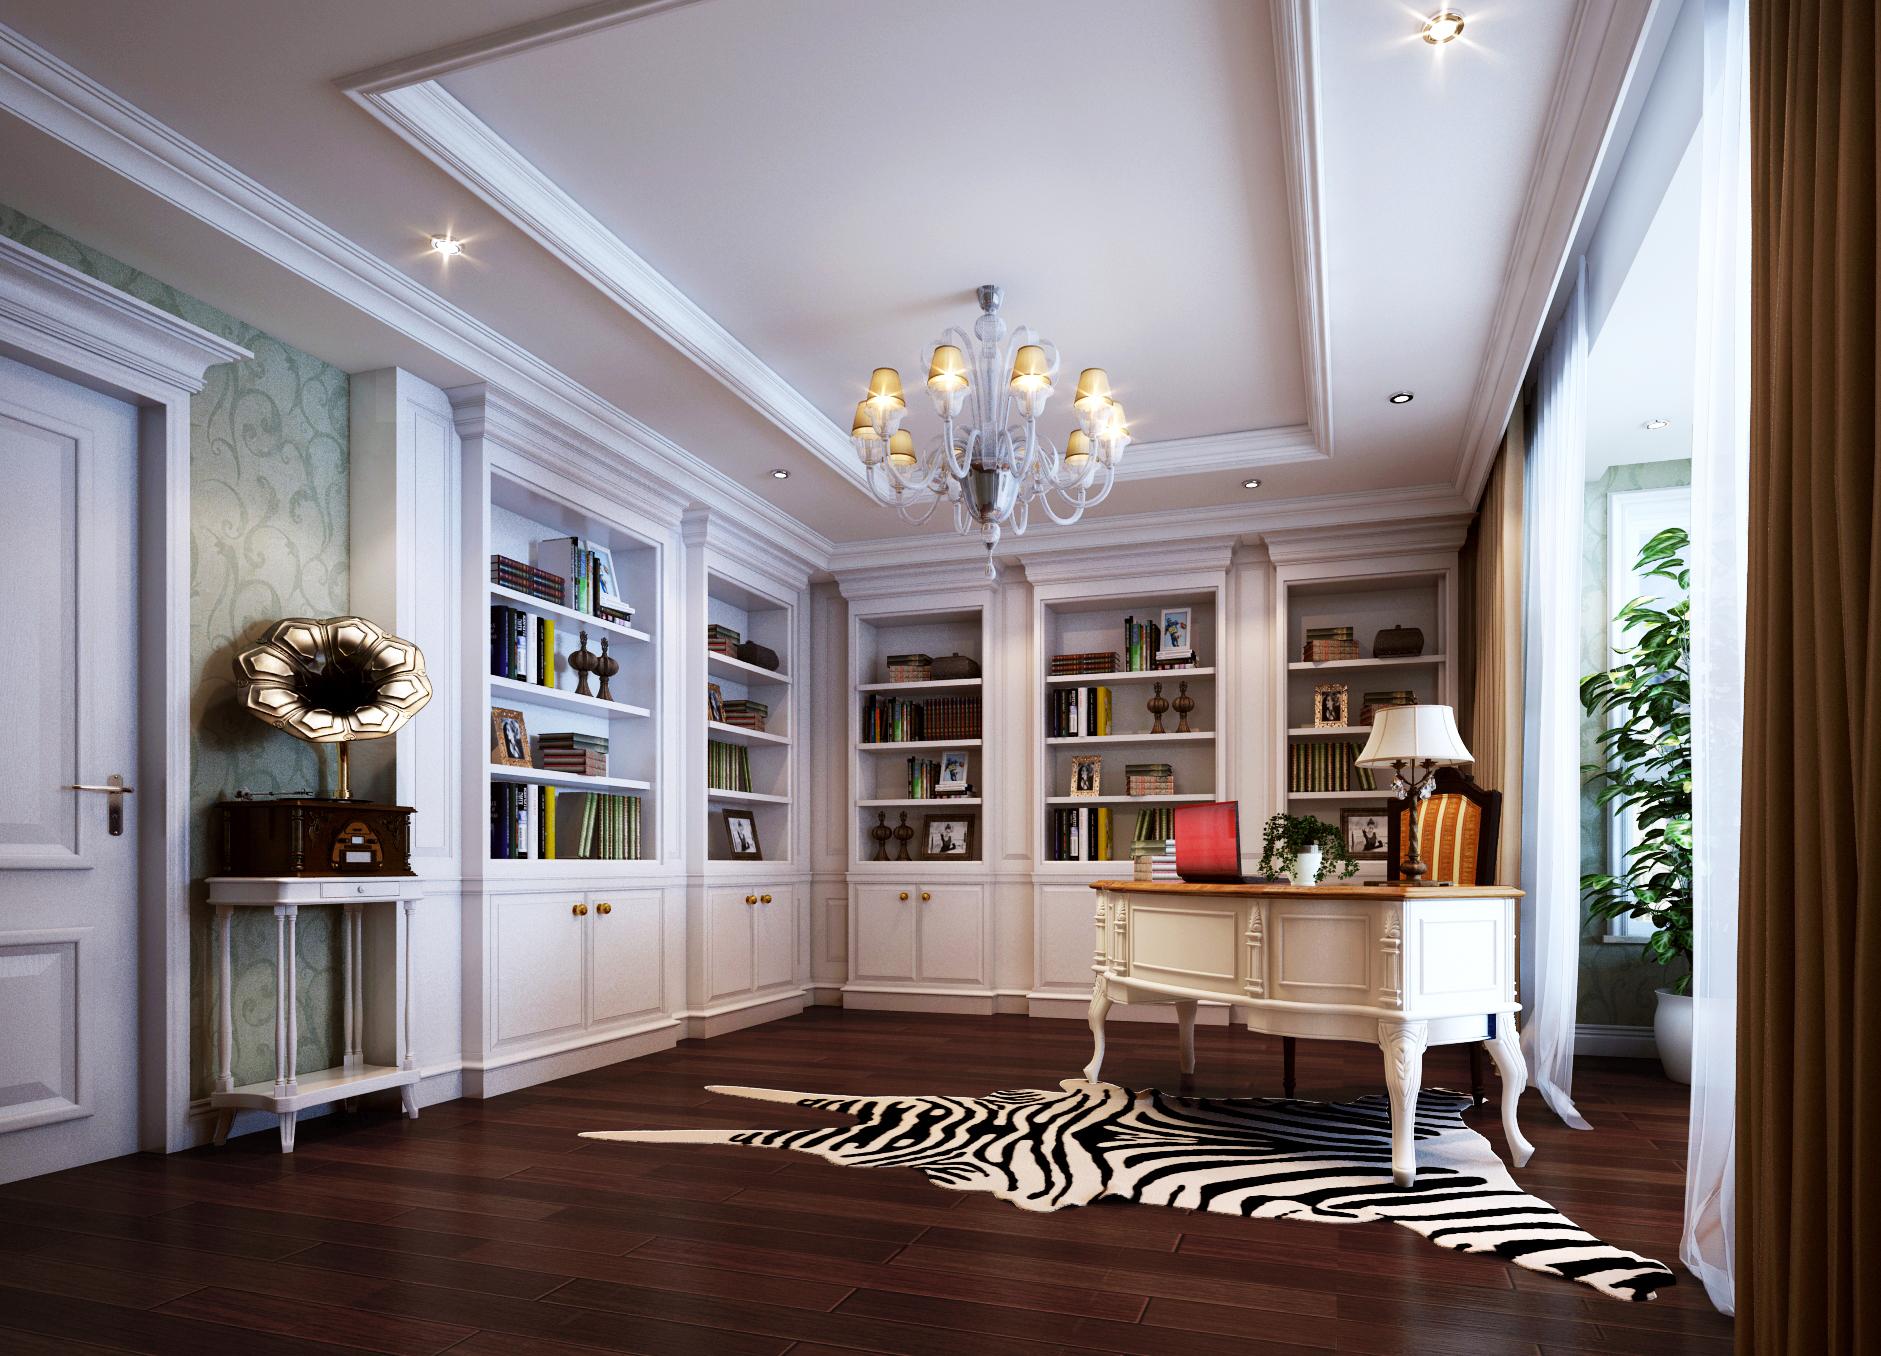 欧式 简约 别墅 西山别墅 软装配饰 书房图片来自尚层装饰张迪在120万帮您打造450平全案欧式风格的分享